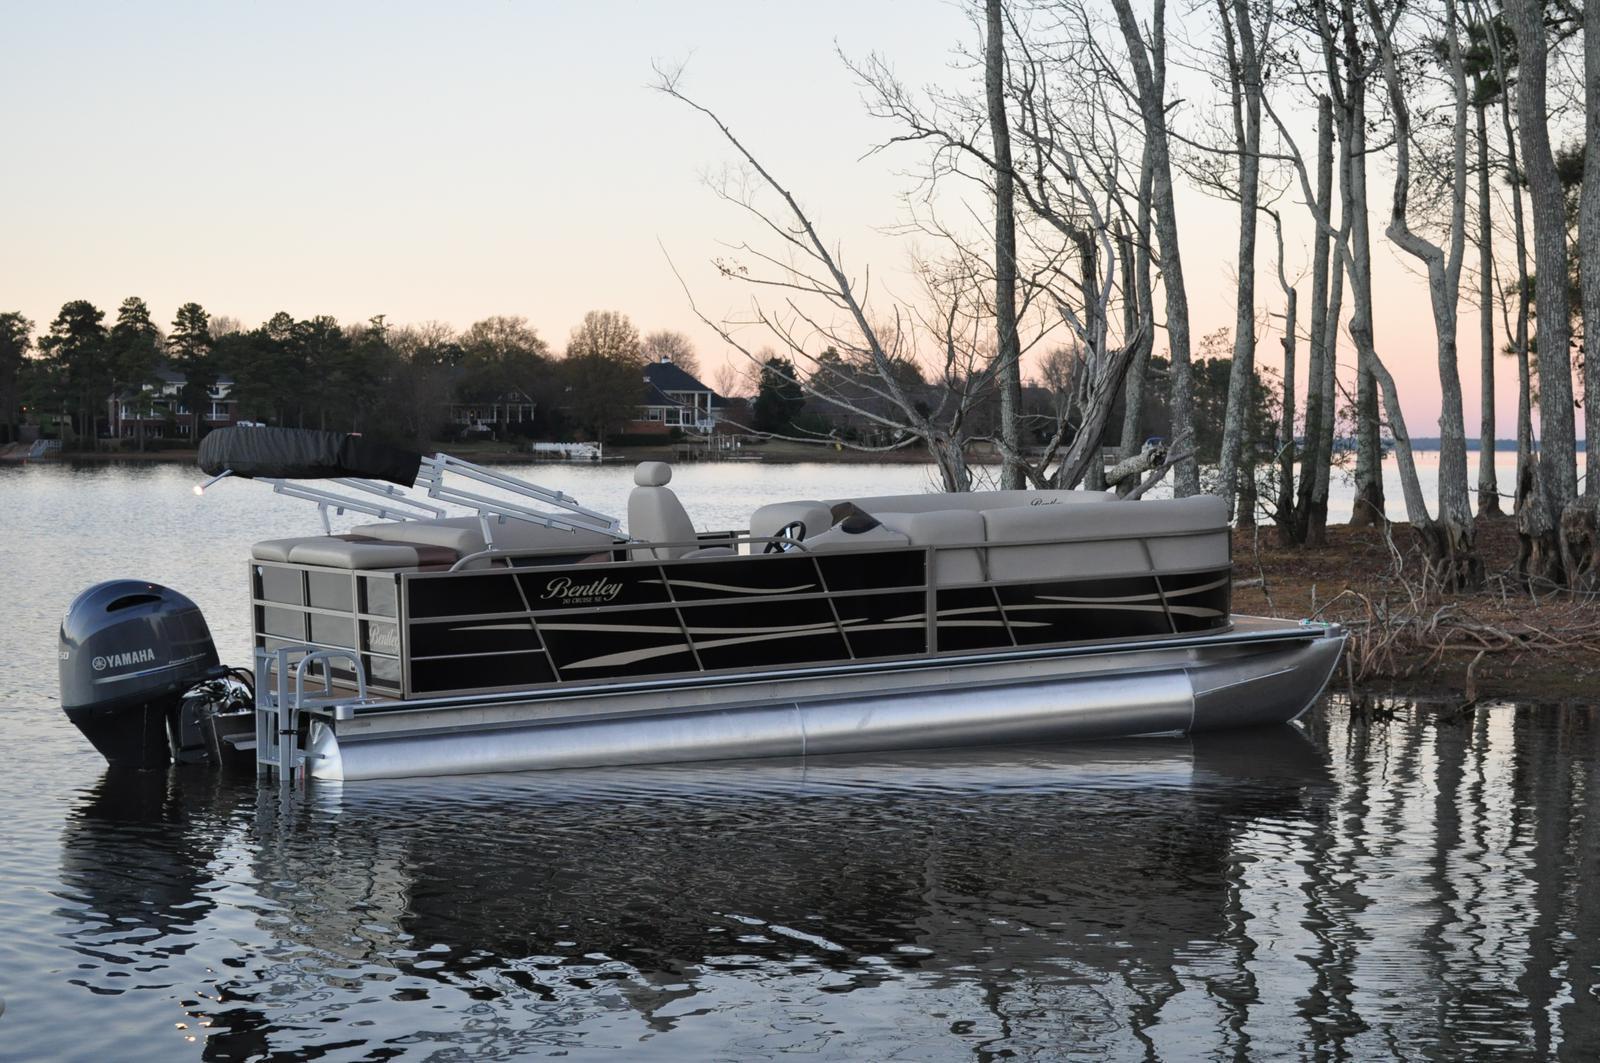 moreboats com dealers boats bentley ca perris boat pontoon for new xl sale